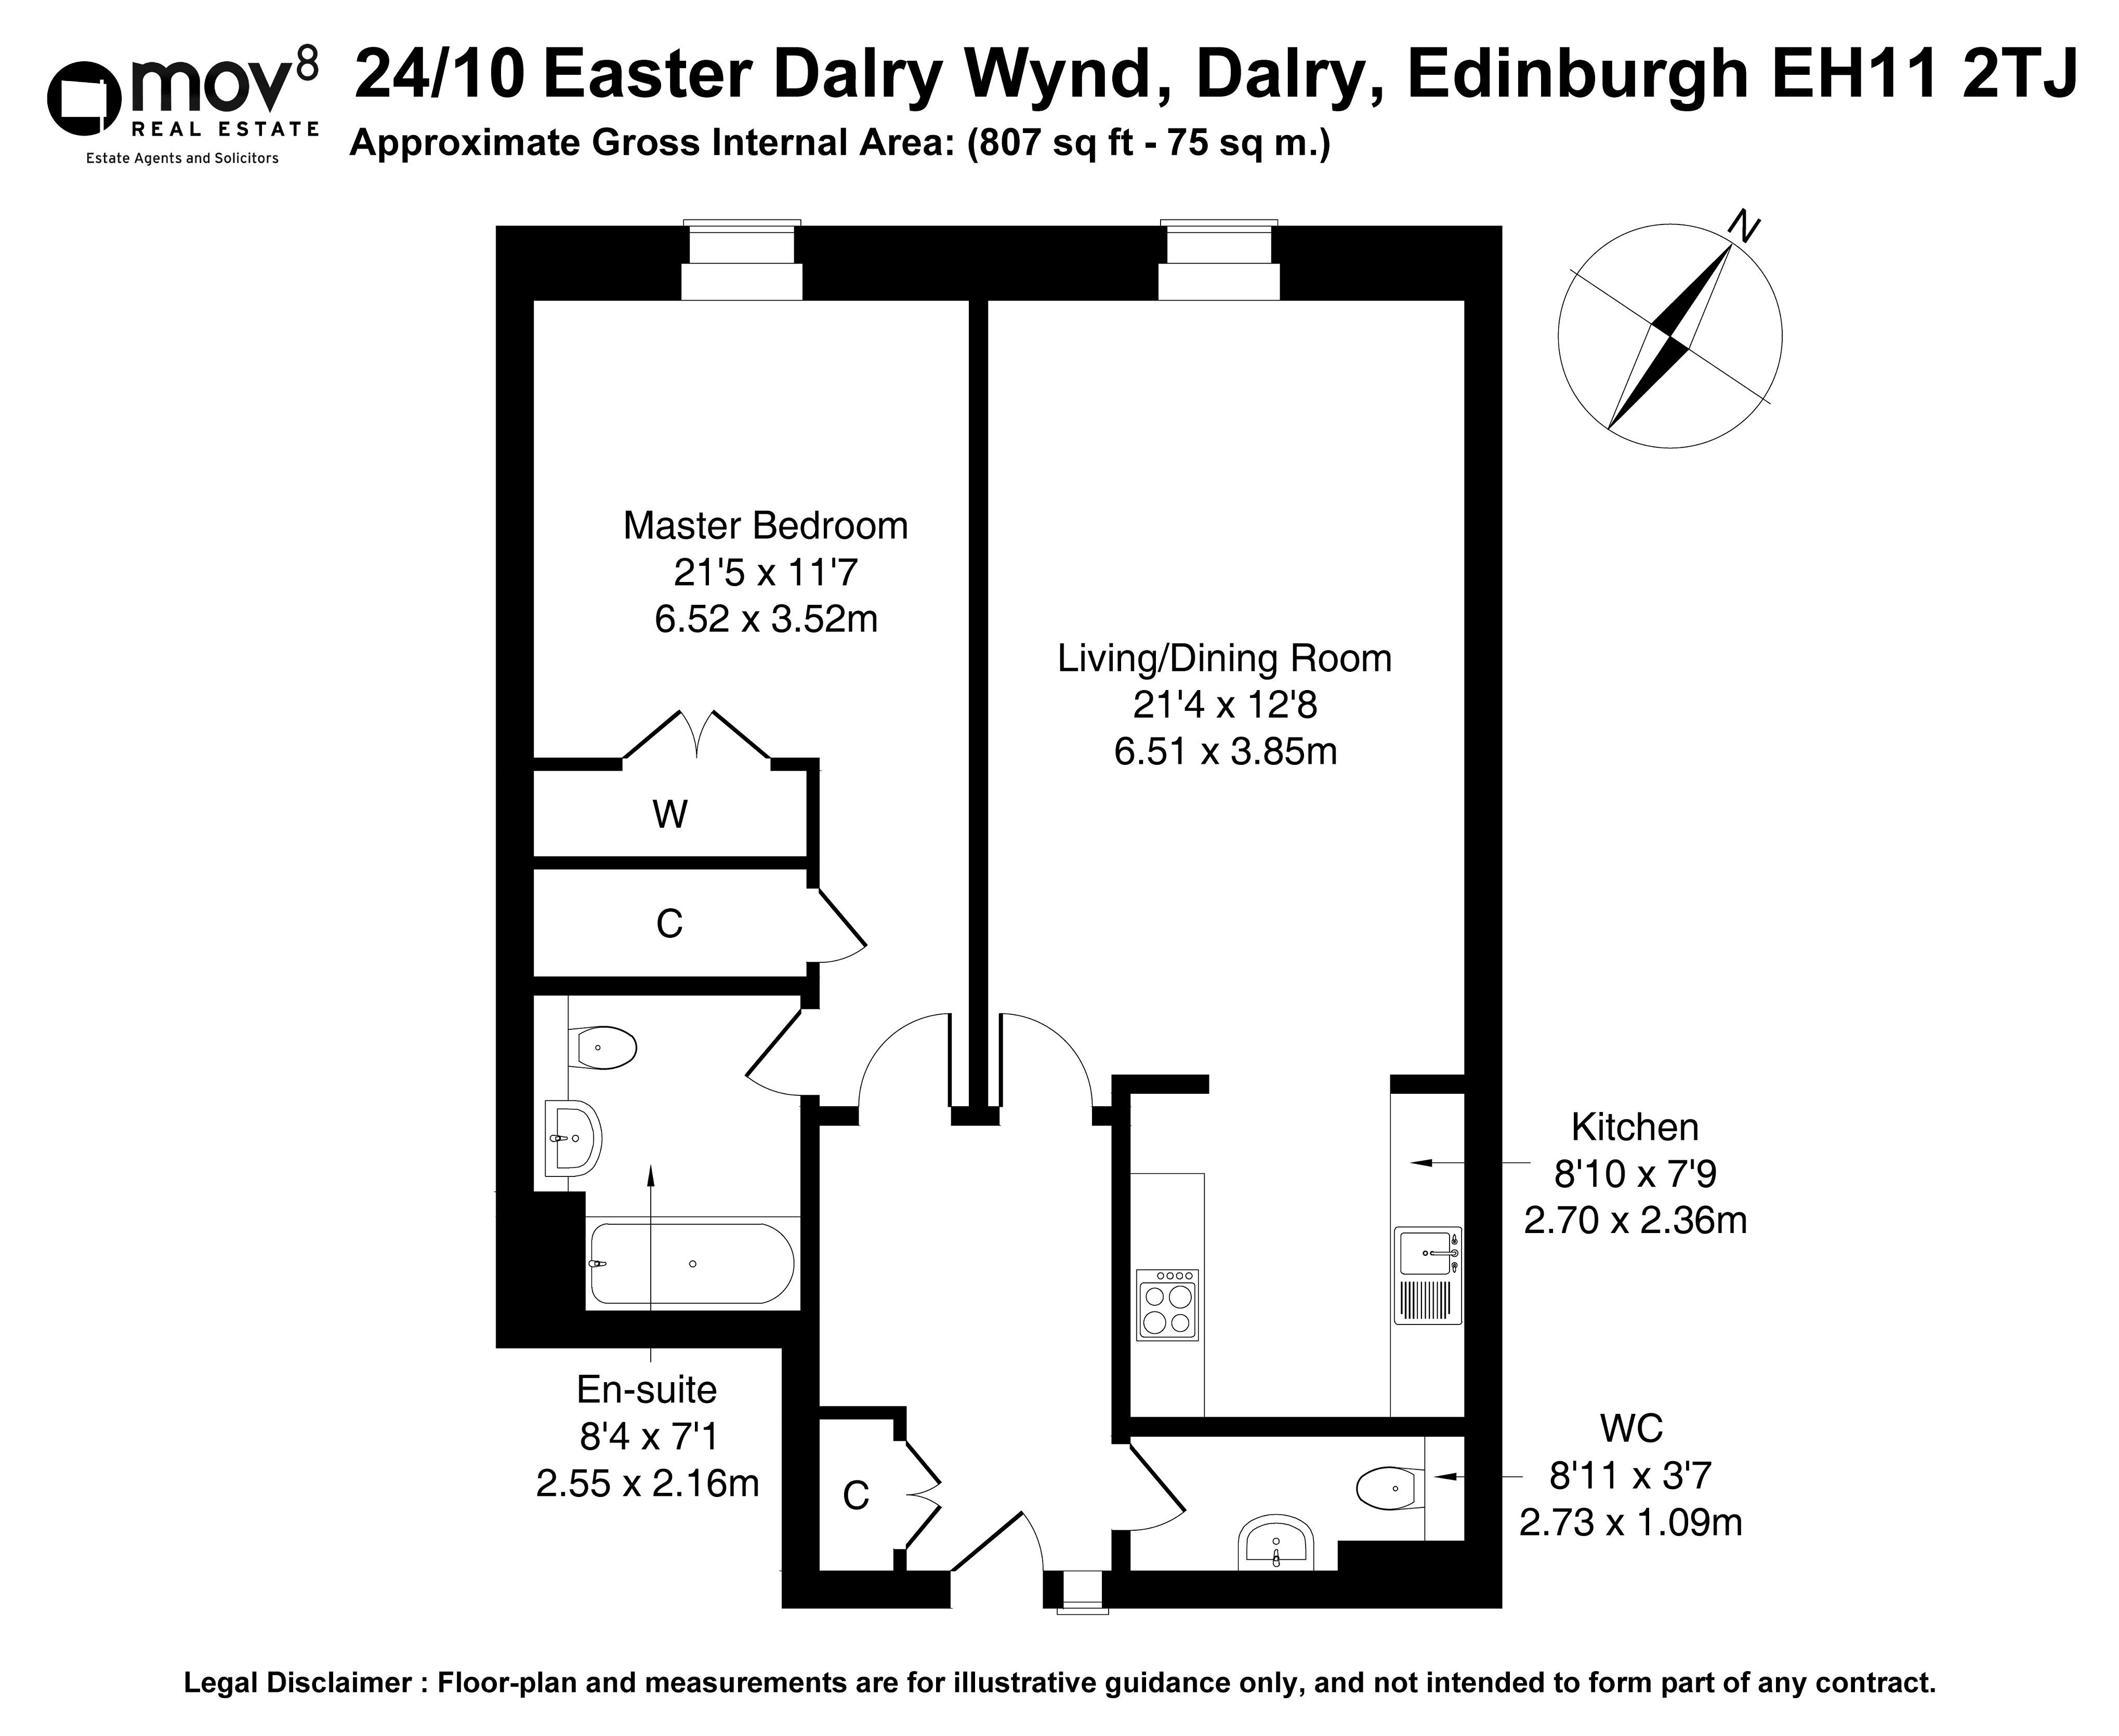 Floorplan 1 of 24/10, Easter Dalry Wynd, Dalry, Edinburgh, EH11 2TJ